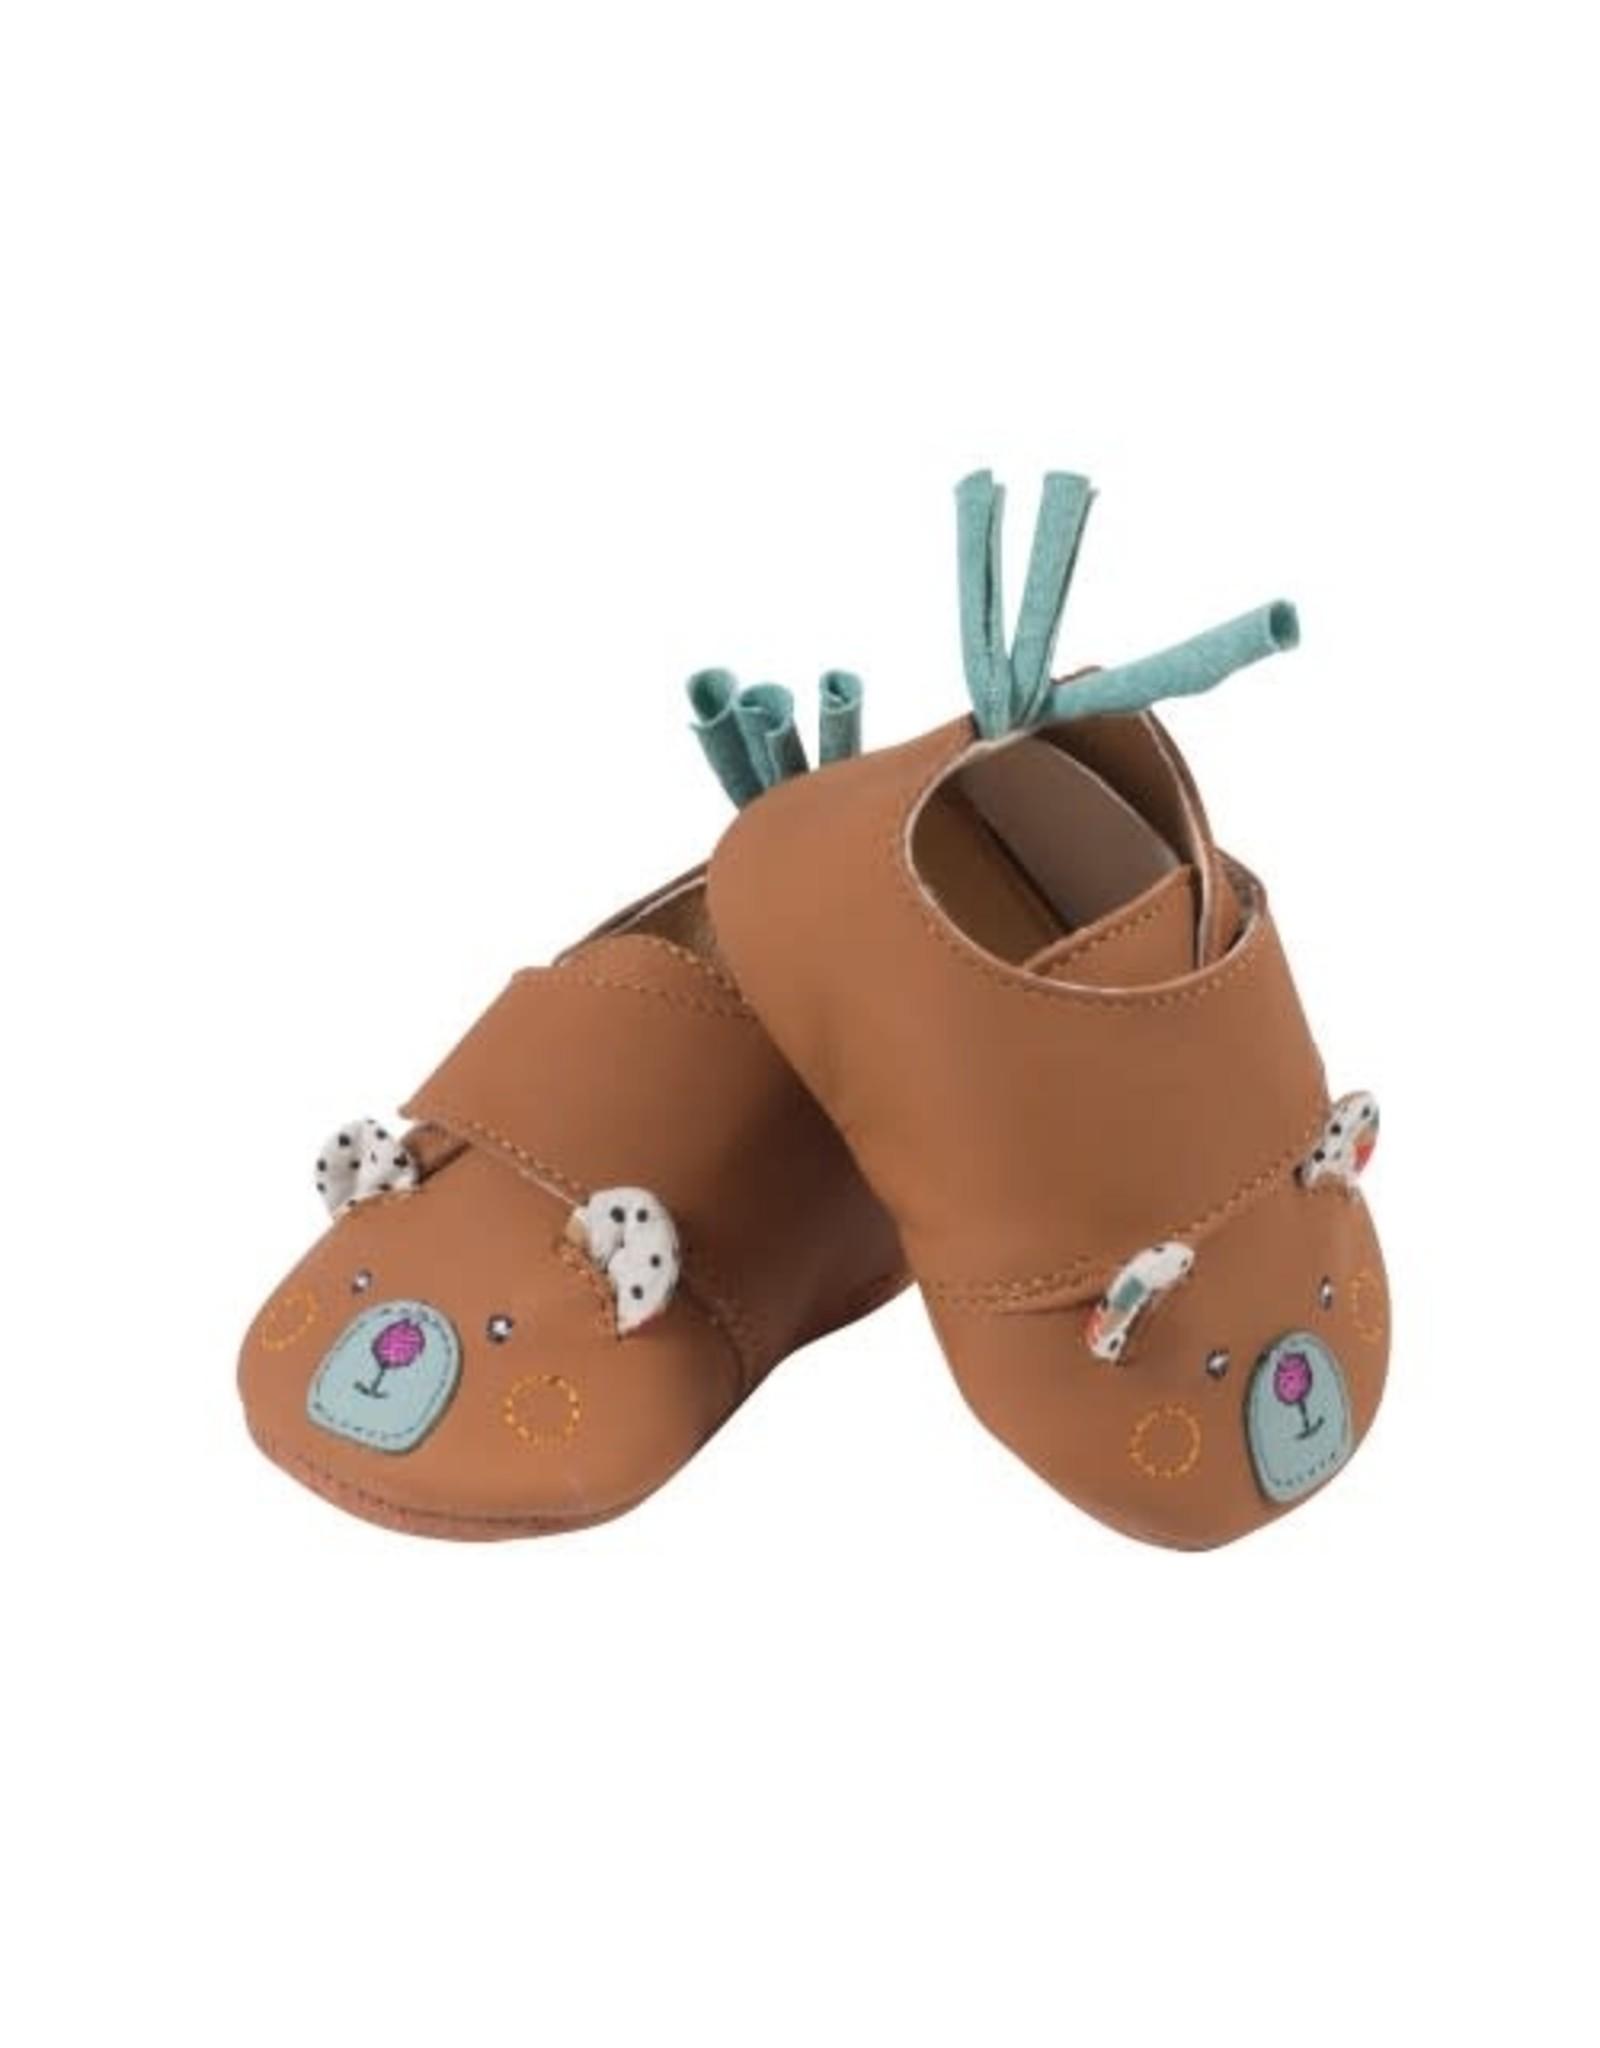 Moulin Roty Jolis Trop Beaux - bear leather slippers (6-12 months)